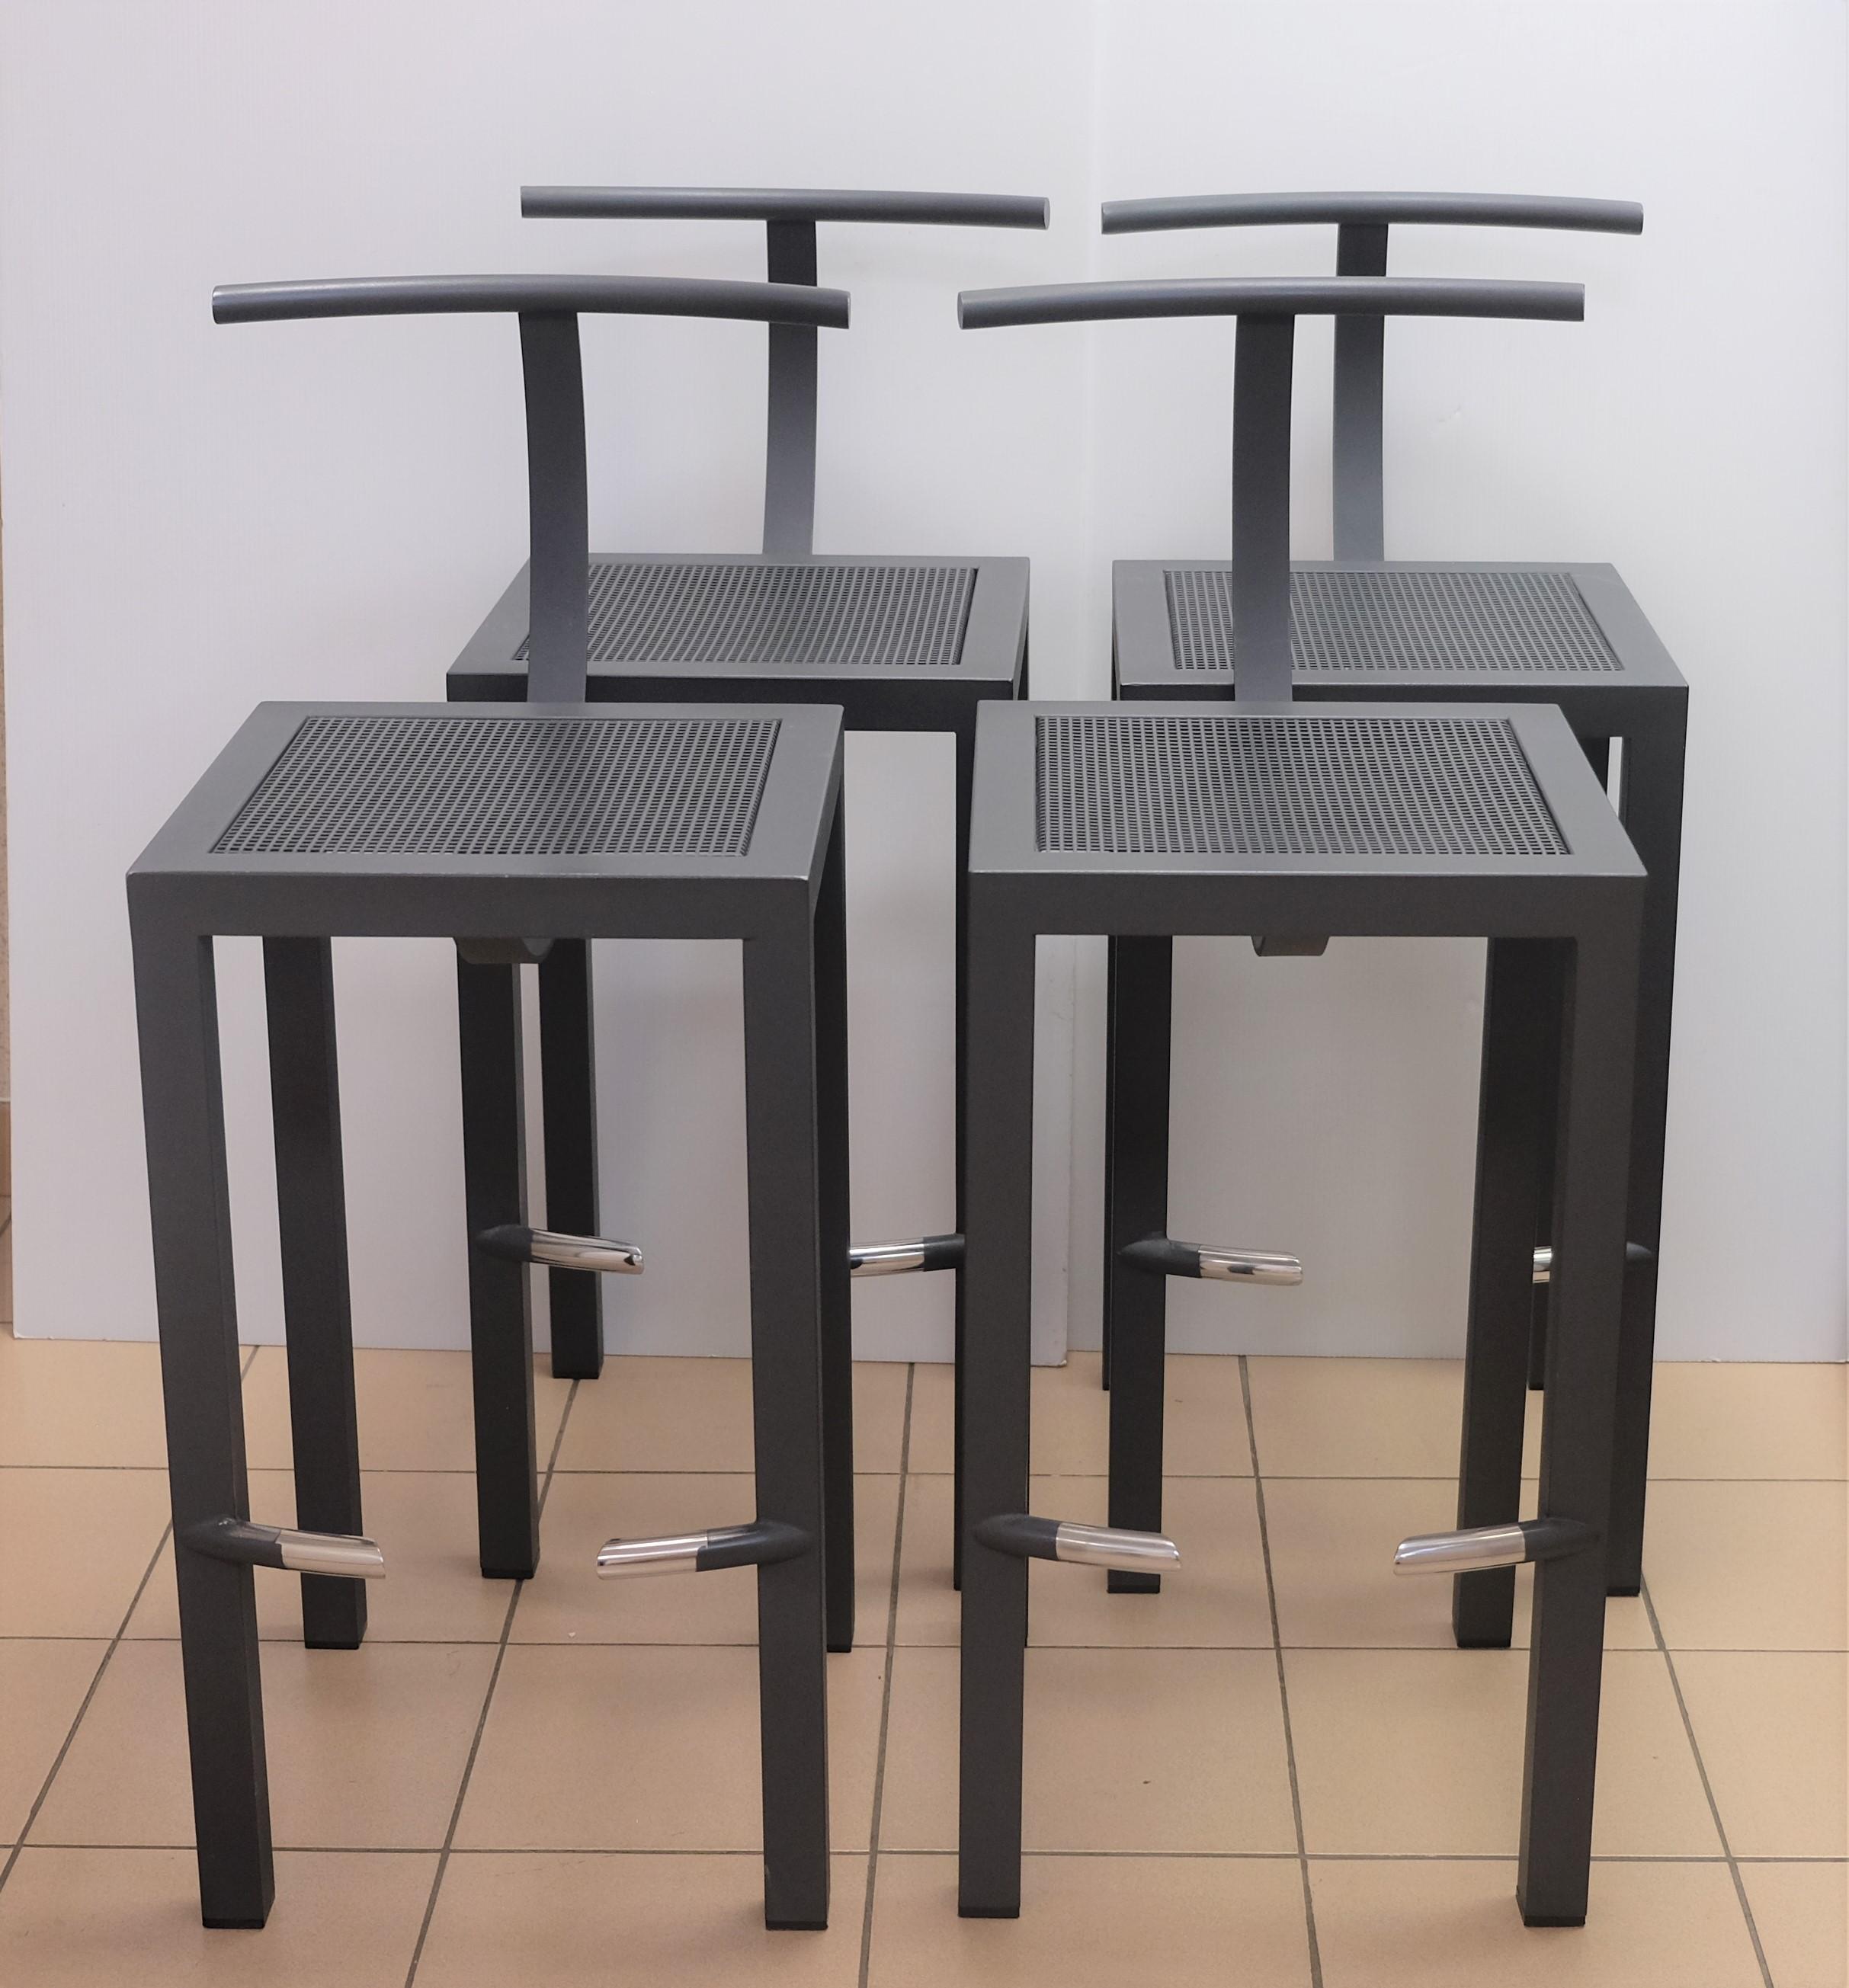 Suite de quatre CHAISES de bar en métal laqué gris. Création de Philippe STARCK (né en 1949).